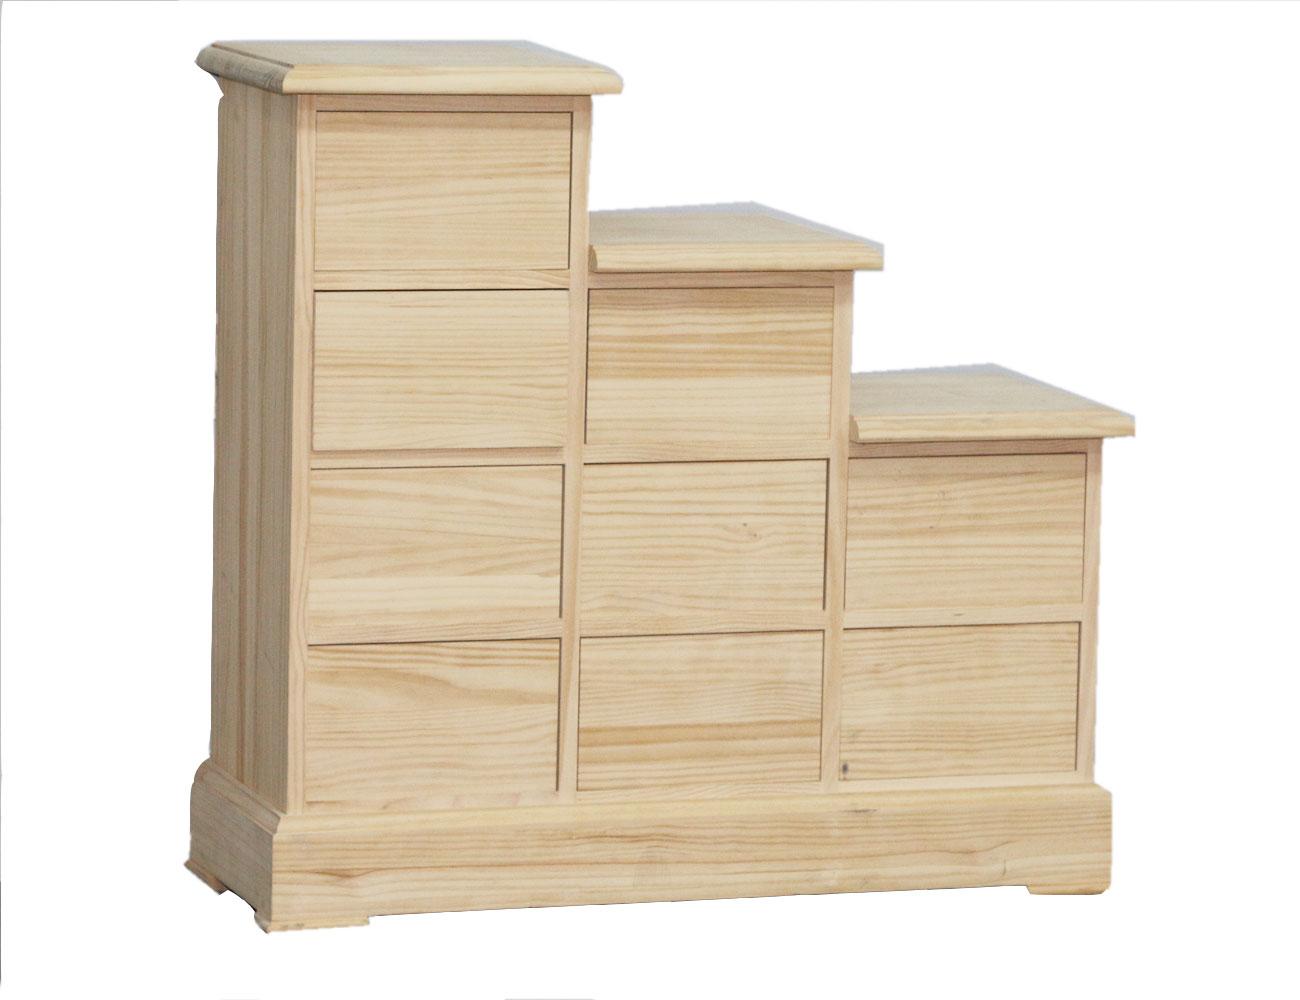 mueble escalera 9 cajones en madera 18598 factory del